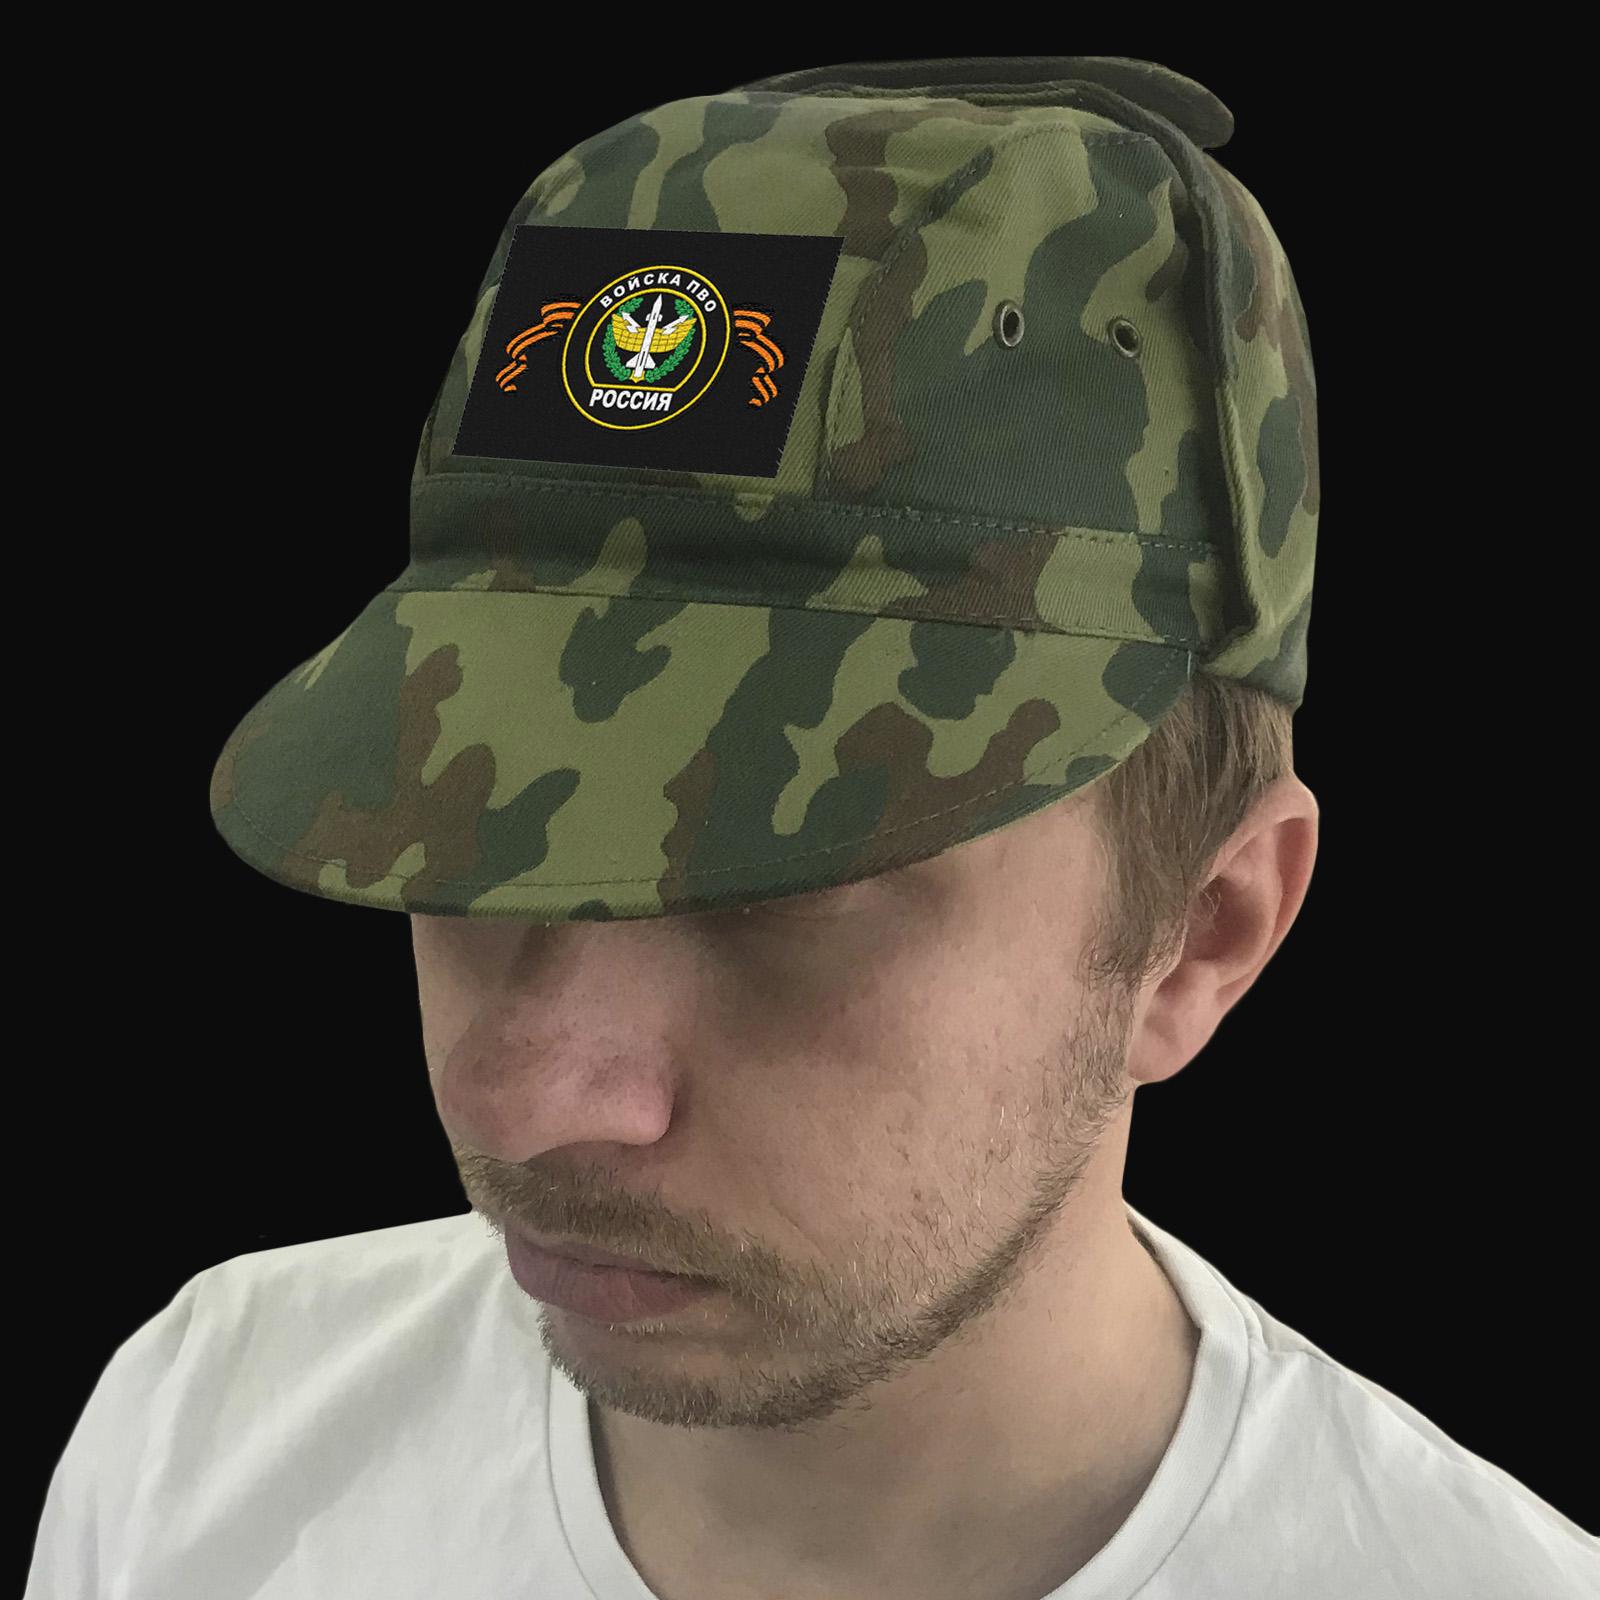 Военная кепка для служащих Войск ПВО.